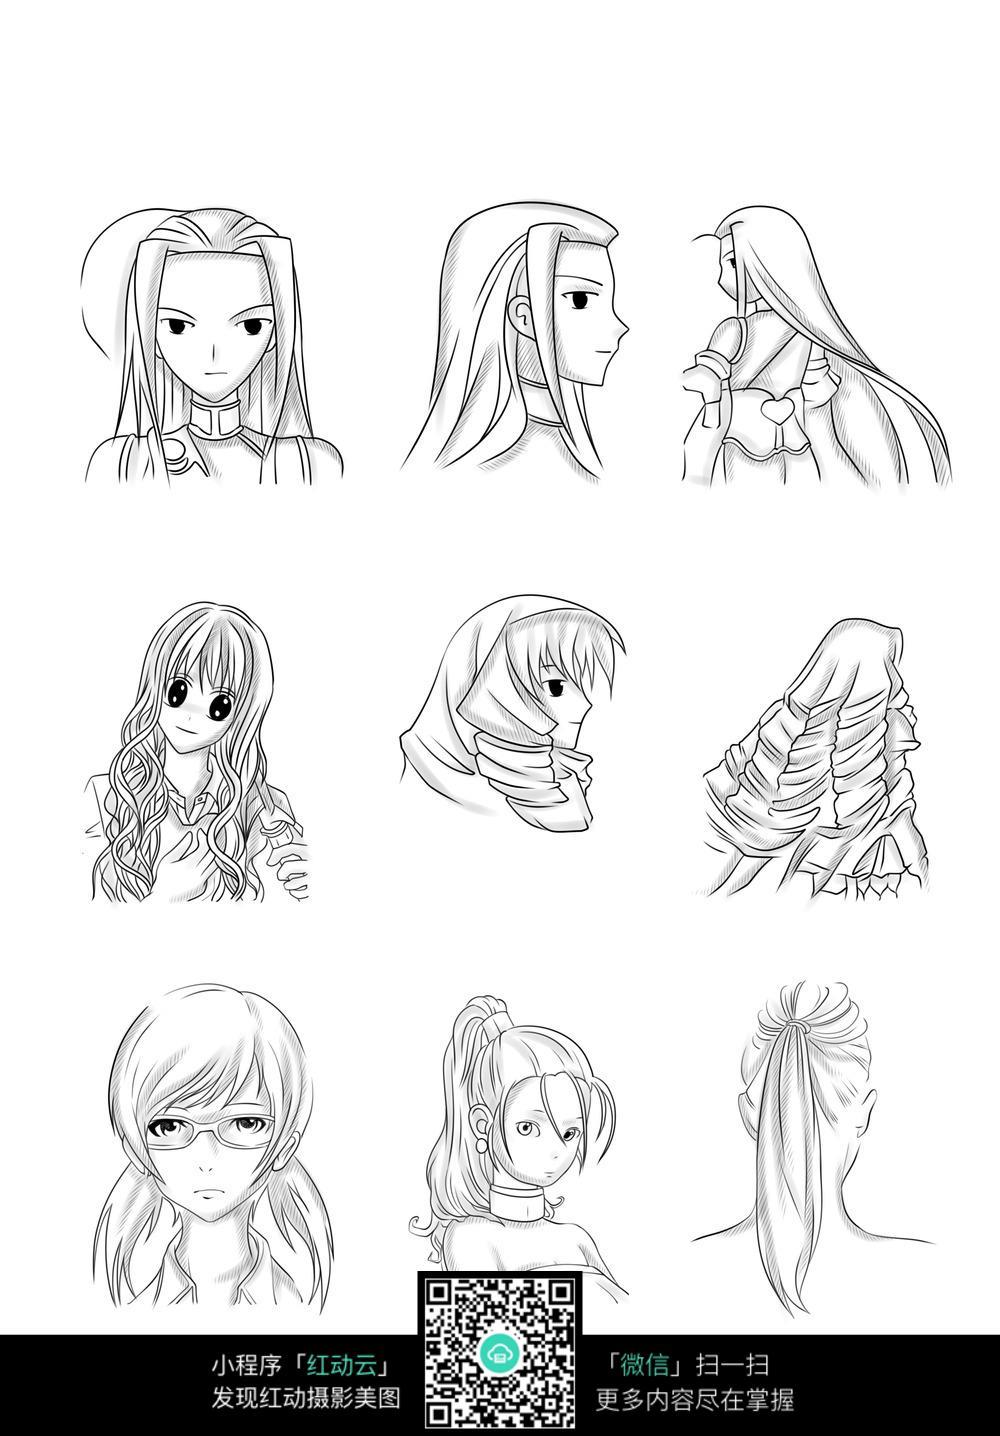 女孩头像卡通手绘线稿图片